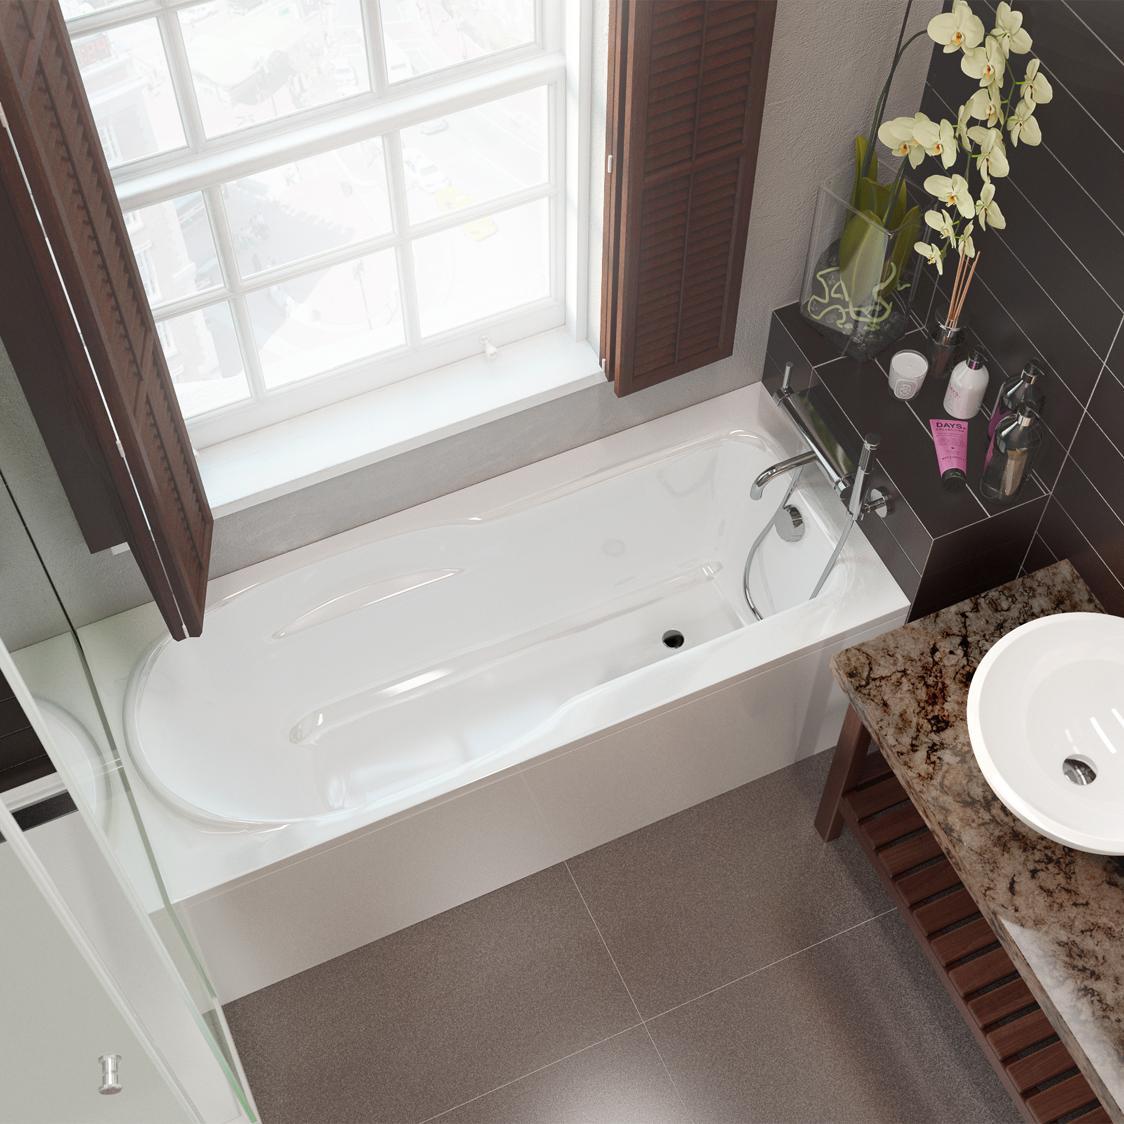 Акриловая ванна Alpen Karmenta 170x70 без гидромассажа акриловая ванна alpen karmenta 170x70 комплект